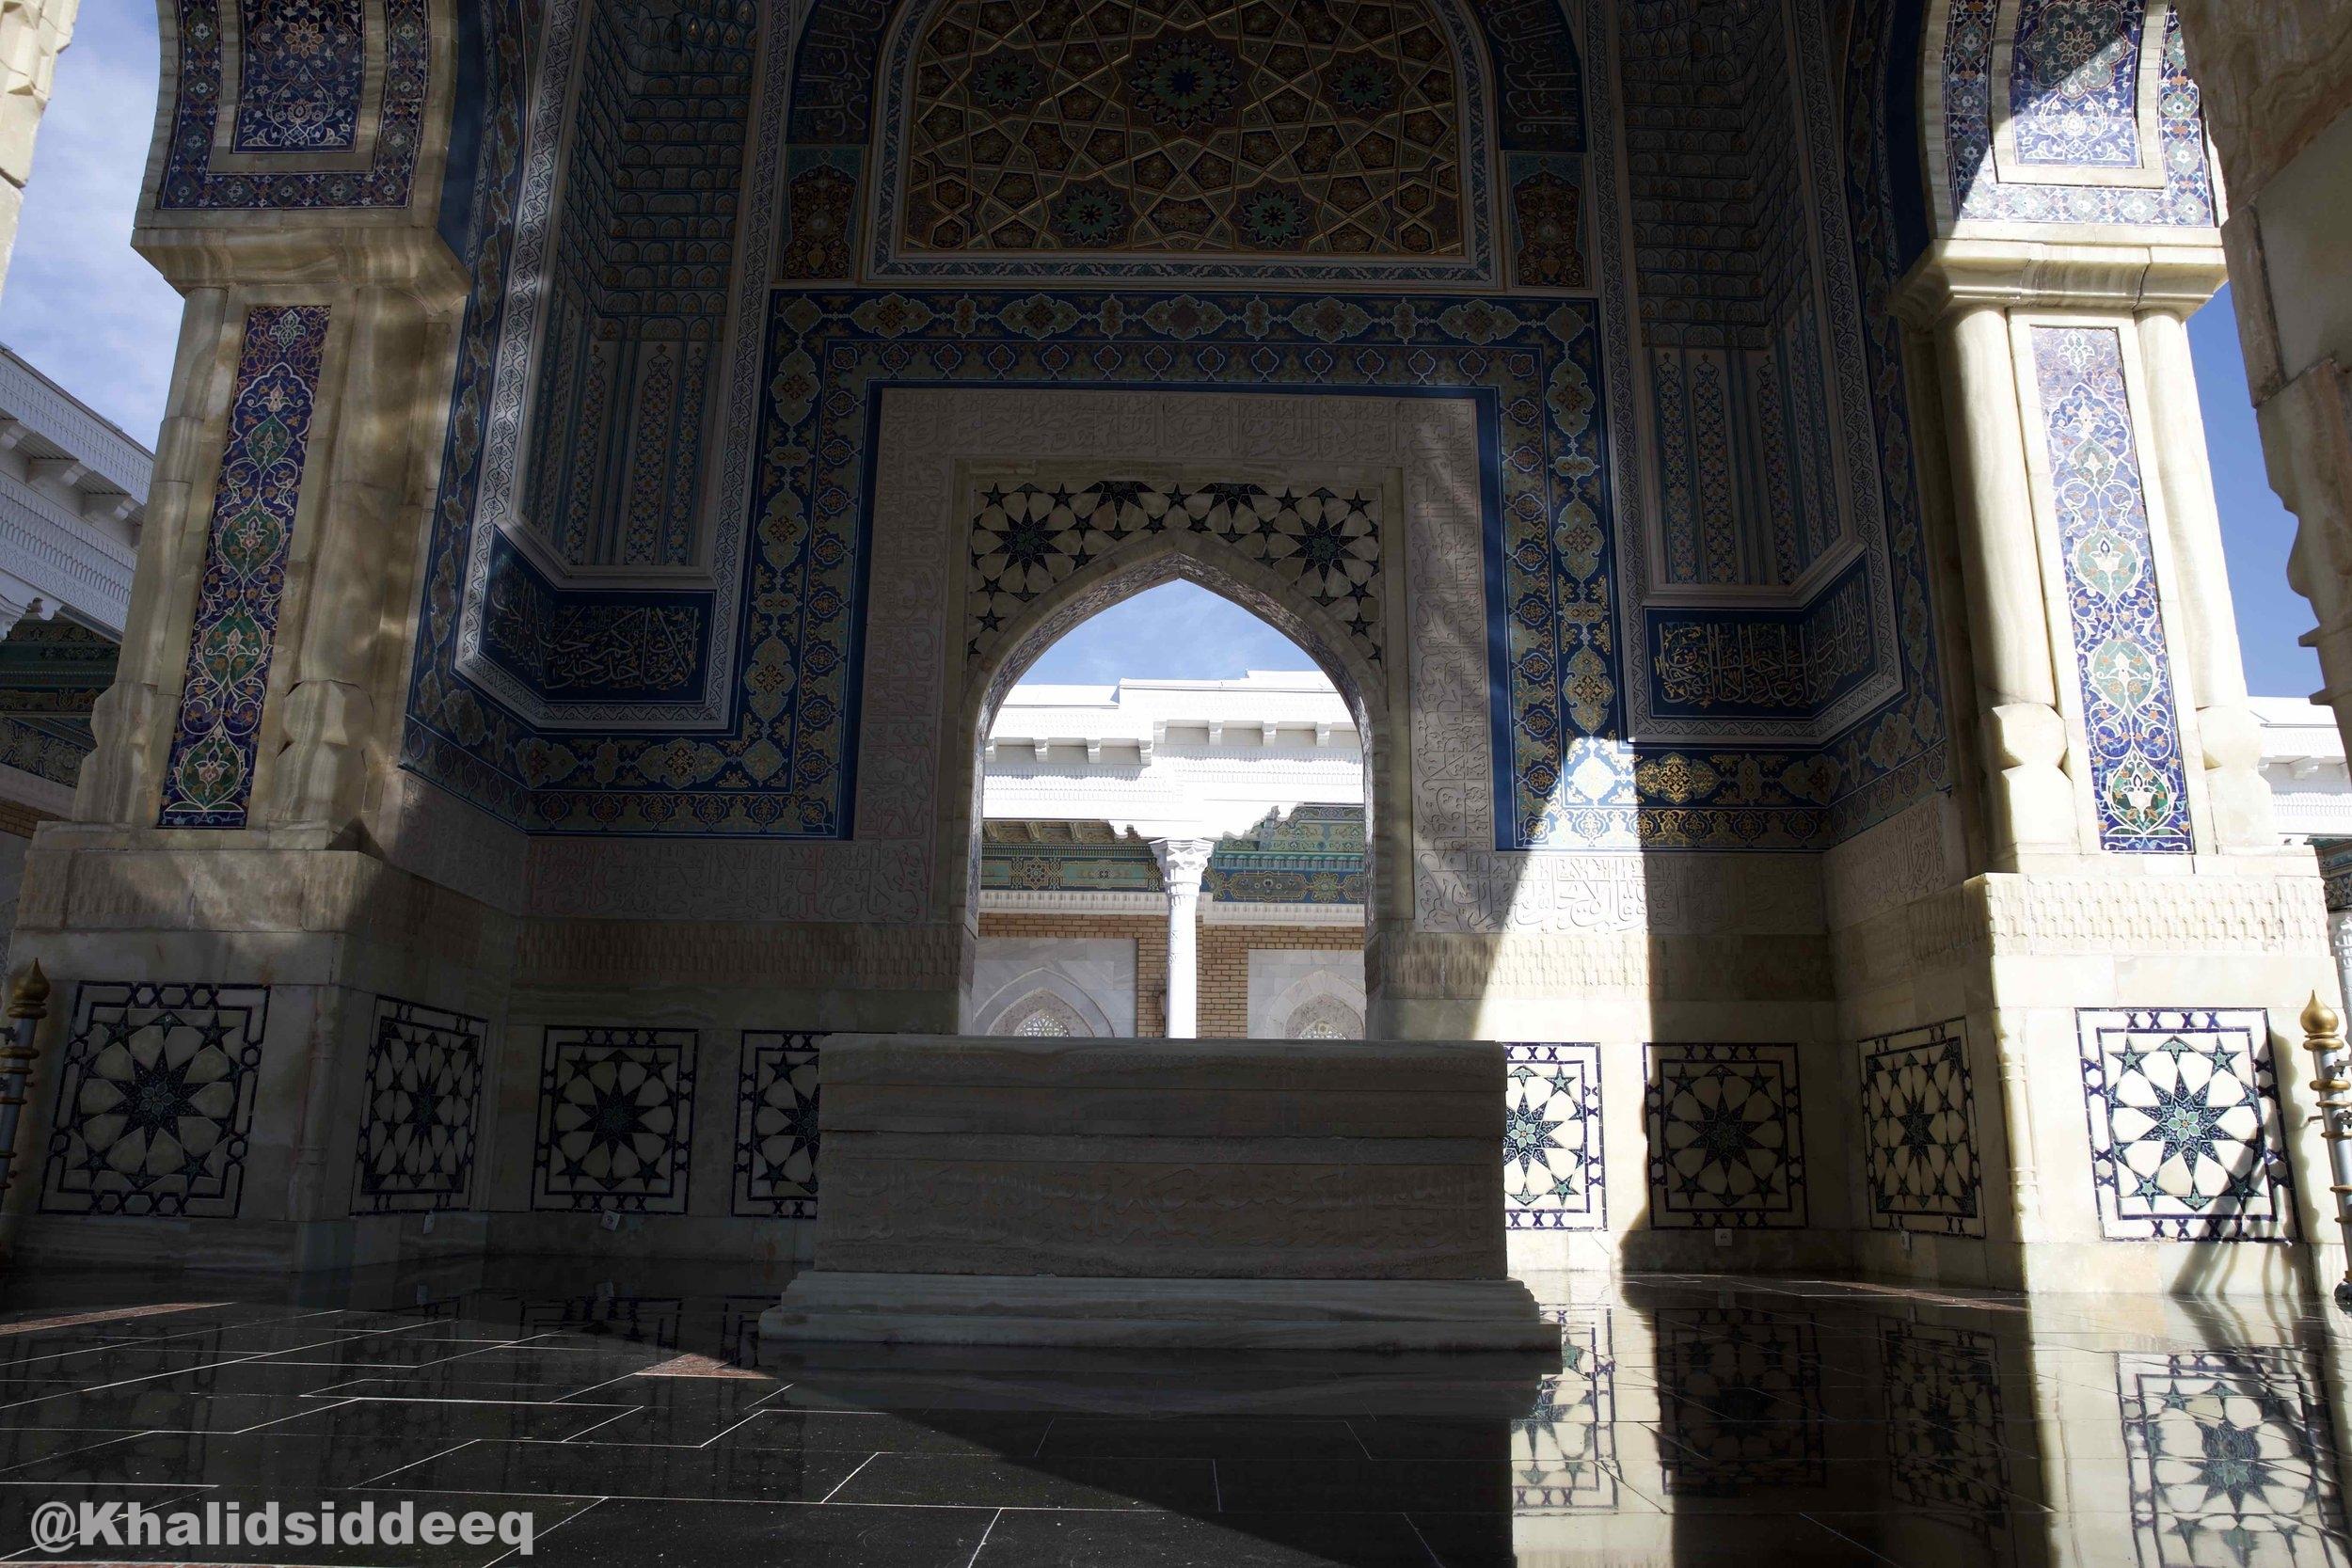 أبو عبد الله محمد بن إسماعيل البخاري - يعرف بالإمام البخاري